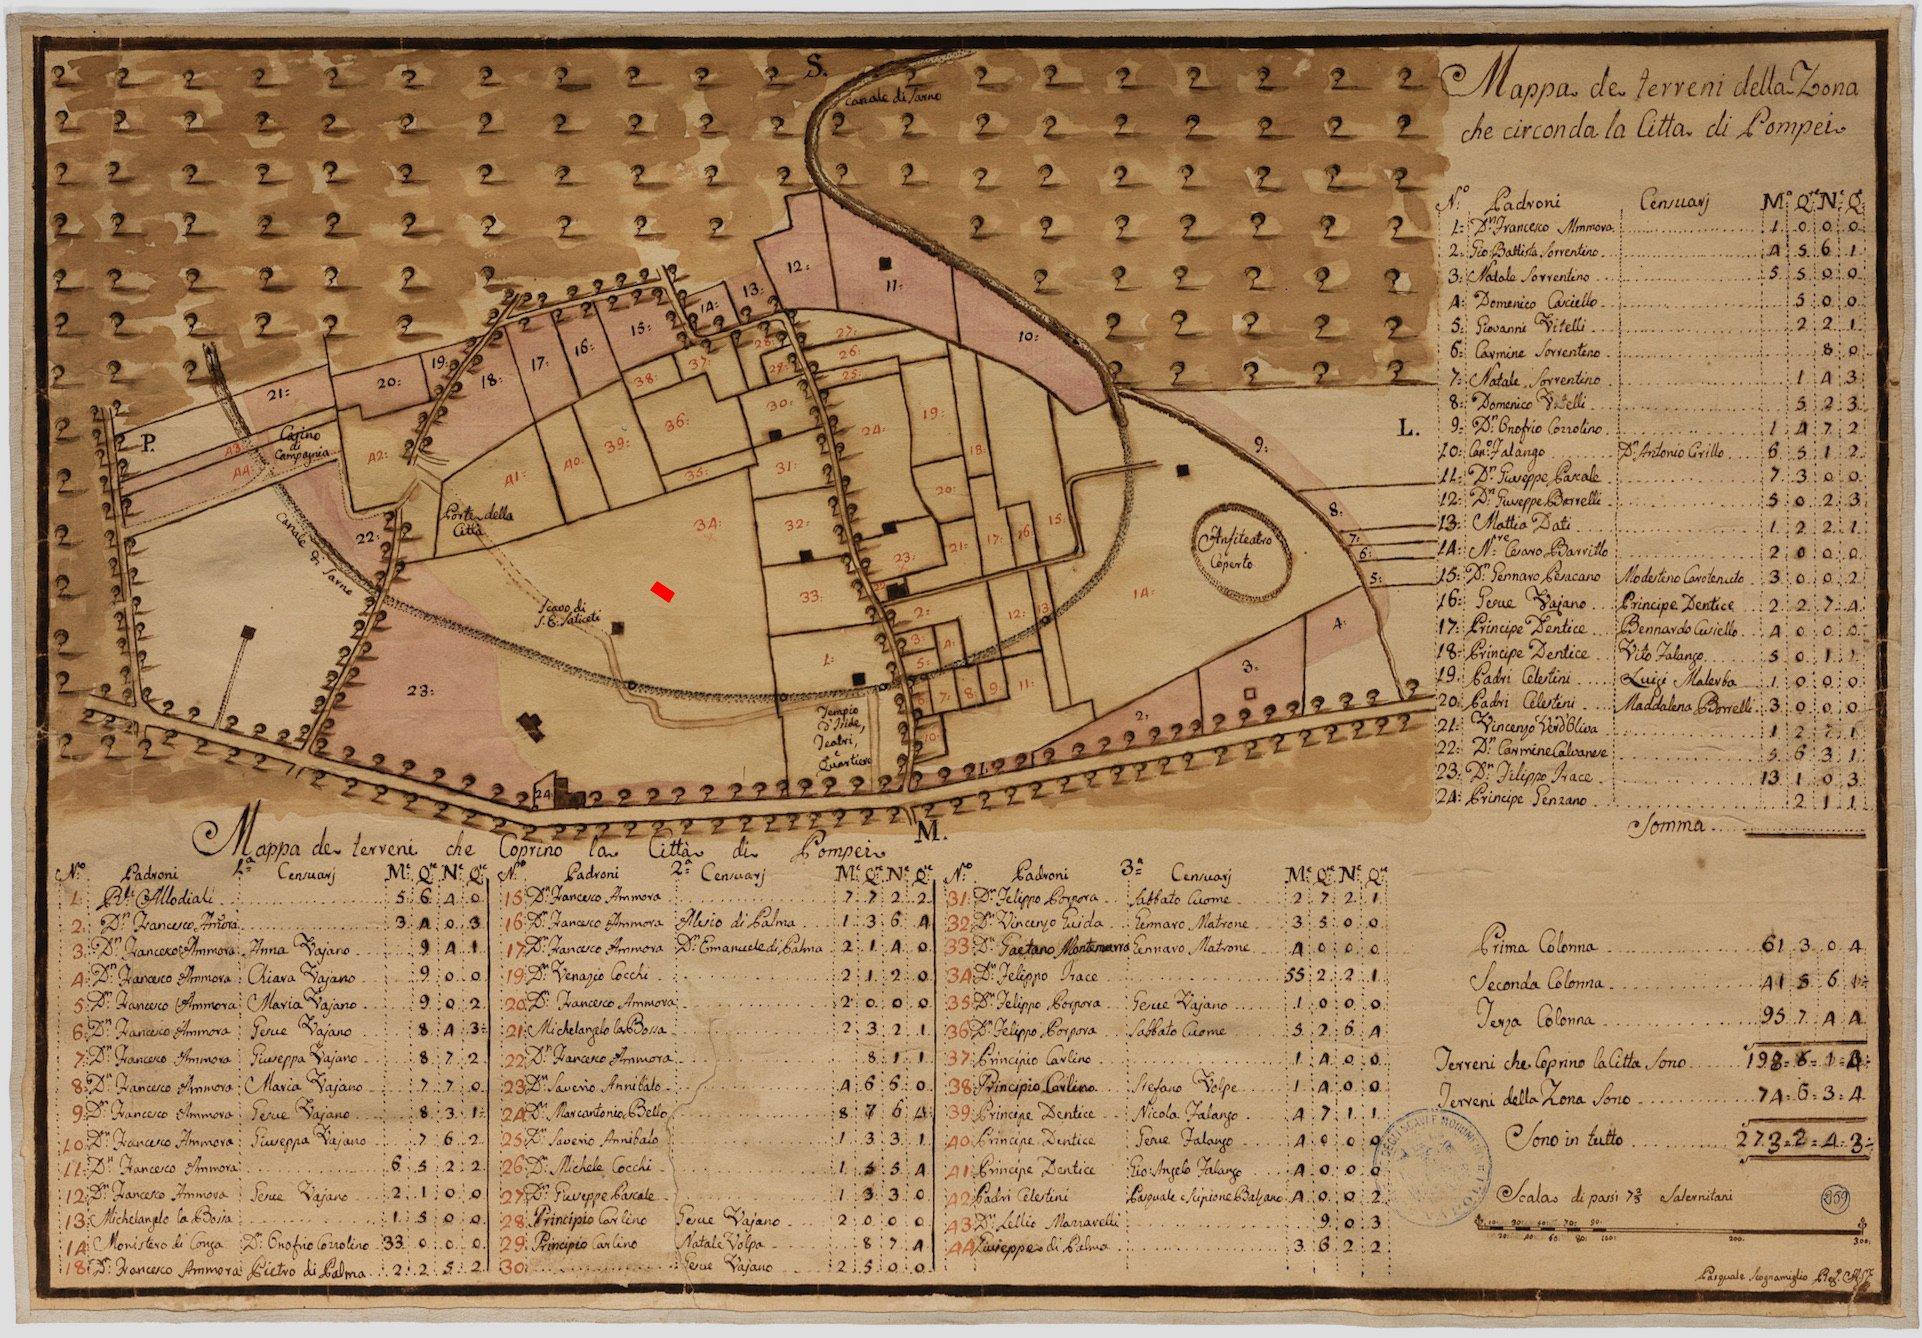 Mapa catastral de la ciudad de Pompeya